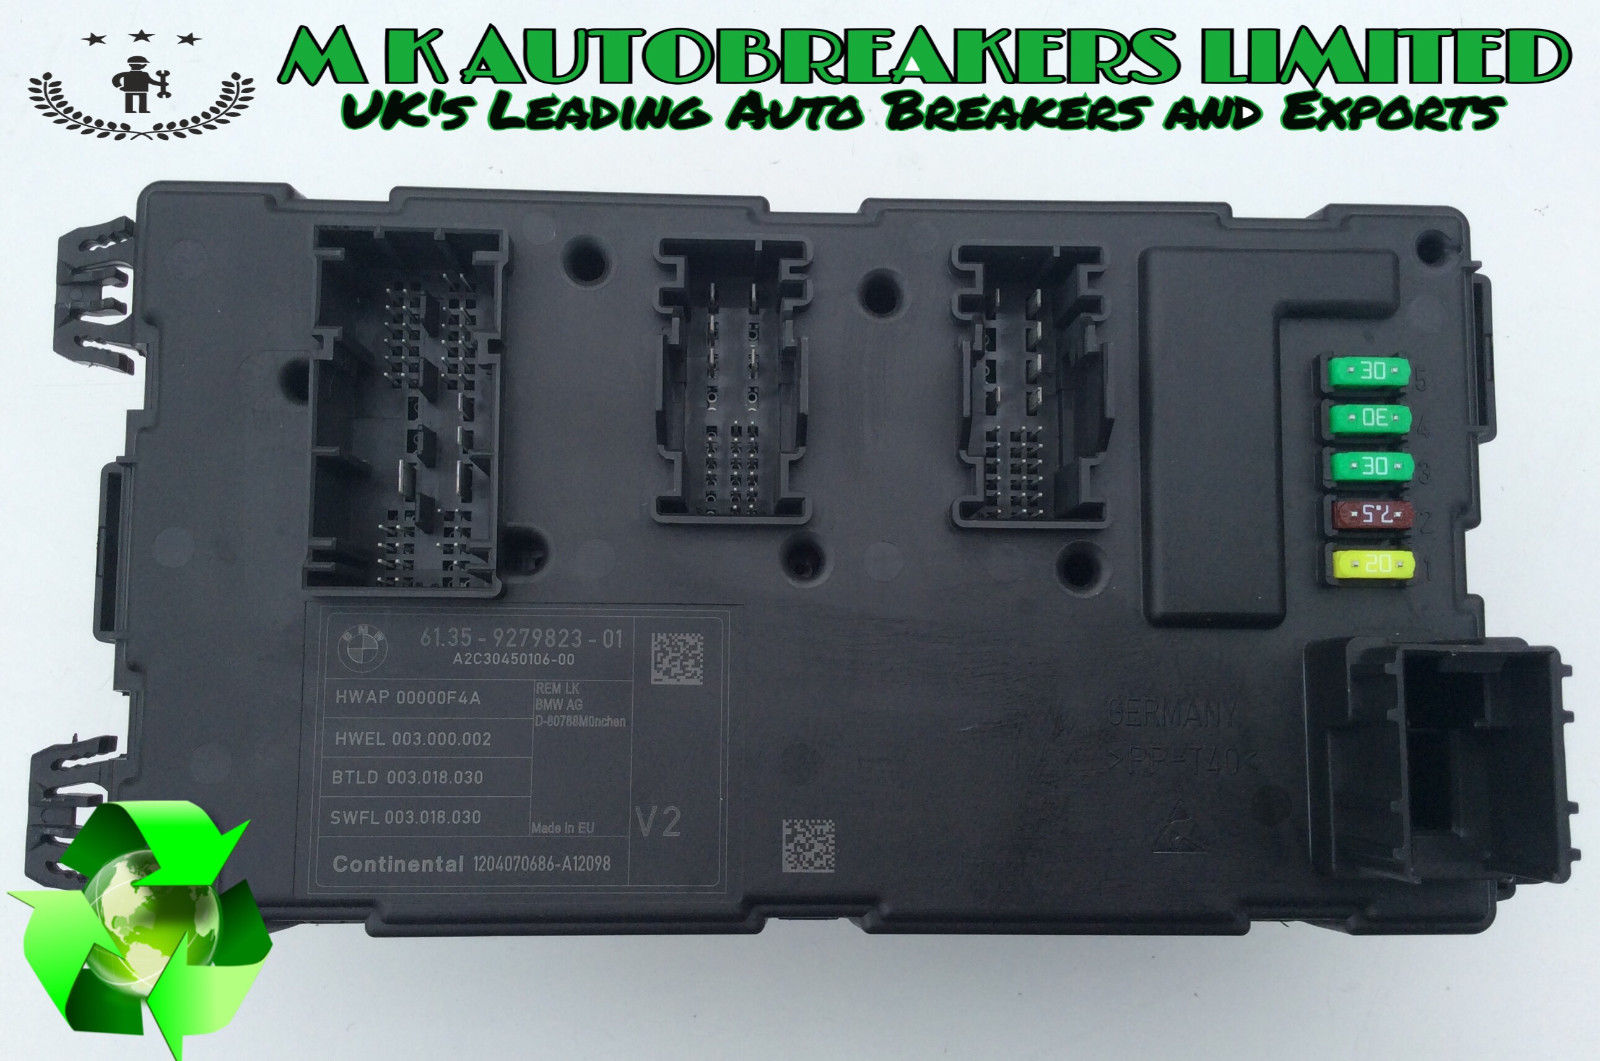 BF9A 1992 Bmw 325is Fuse Box   Wiring Liry  Bmw Is Fuse on 92 bmw paint, 92 bmw 740i, 92 bmw z3, 92 bmw 325ic, 92 bmw 735i, 92 bmw 5 series white, 92 bmw 535i,